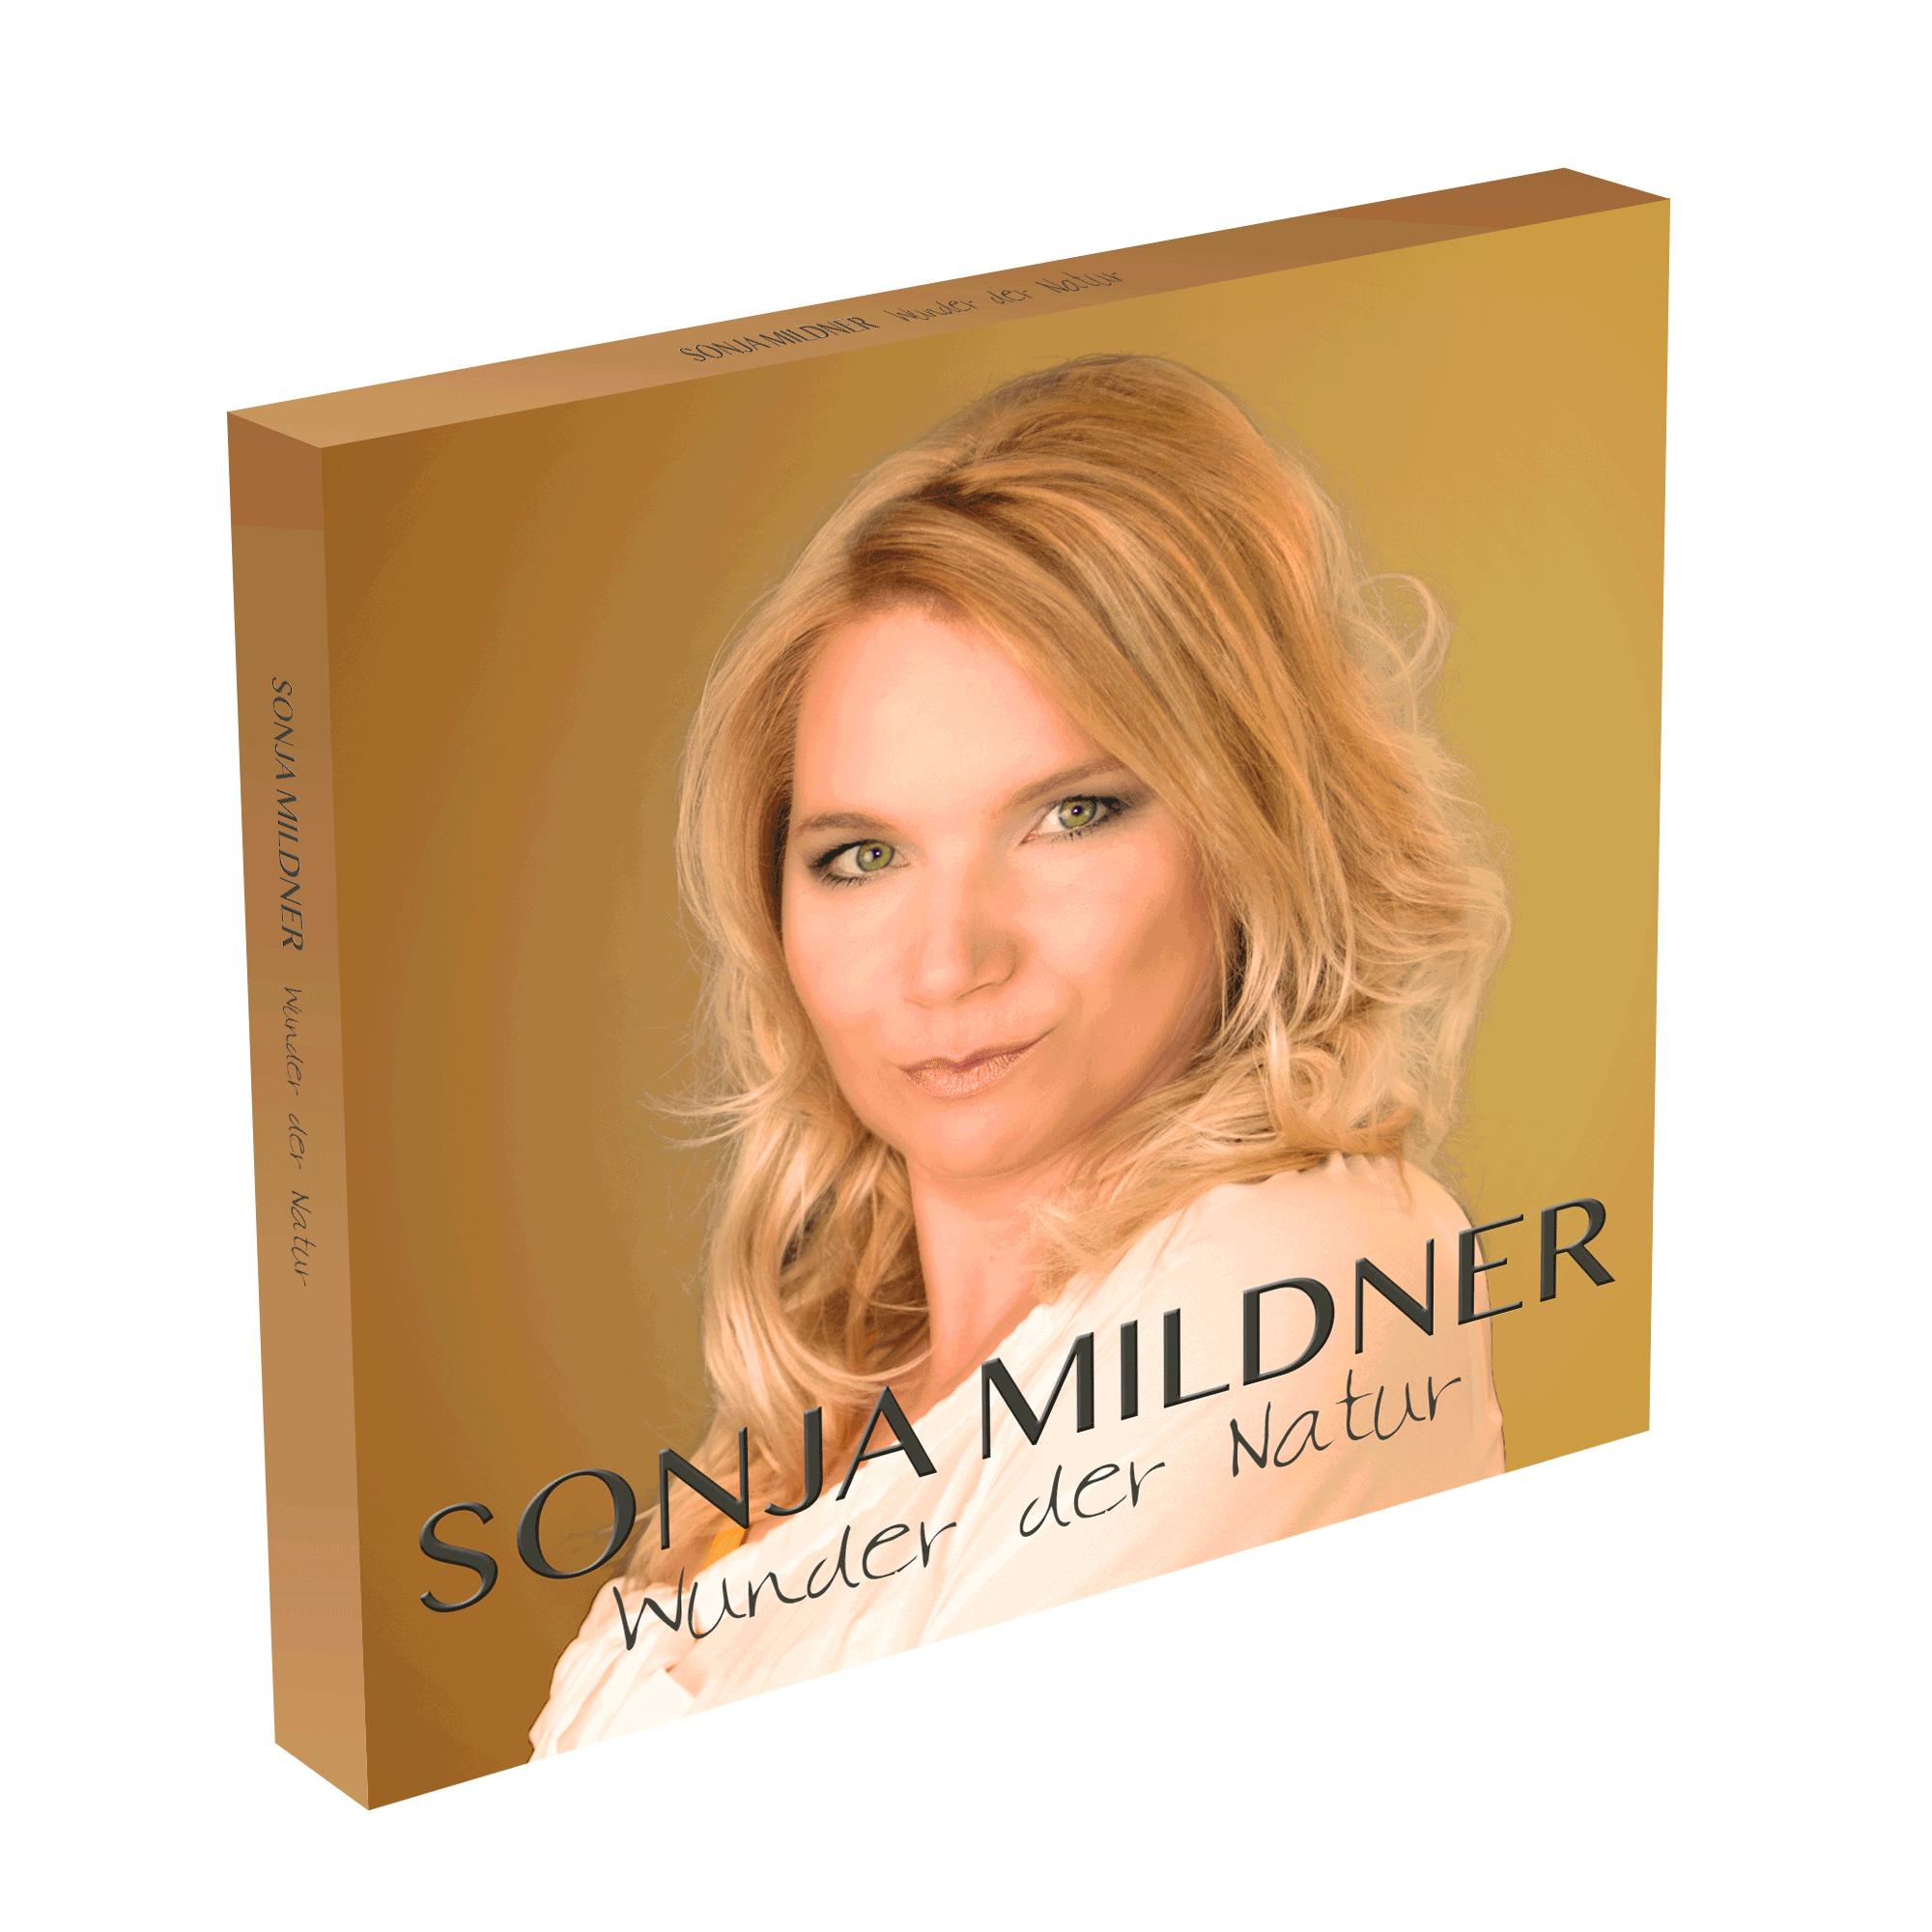 CD Cover - Sonja Mildner - Wunder der Natur